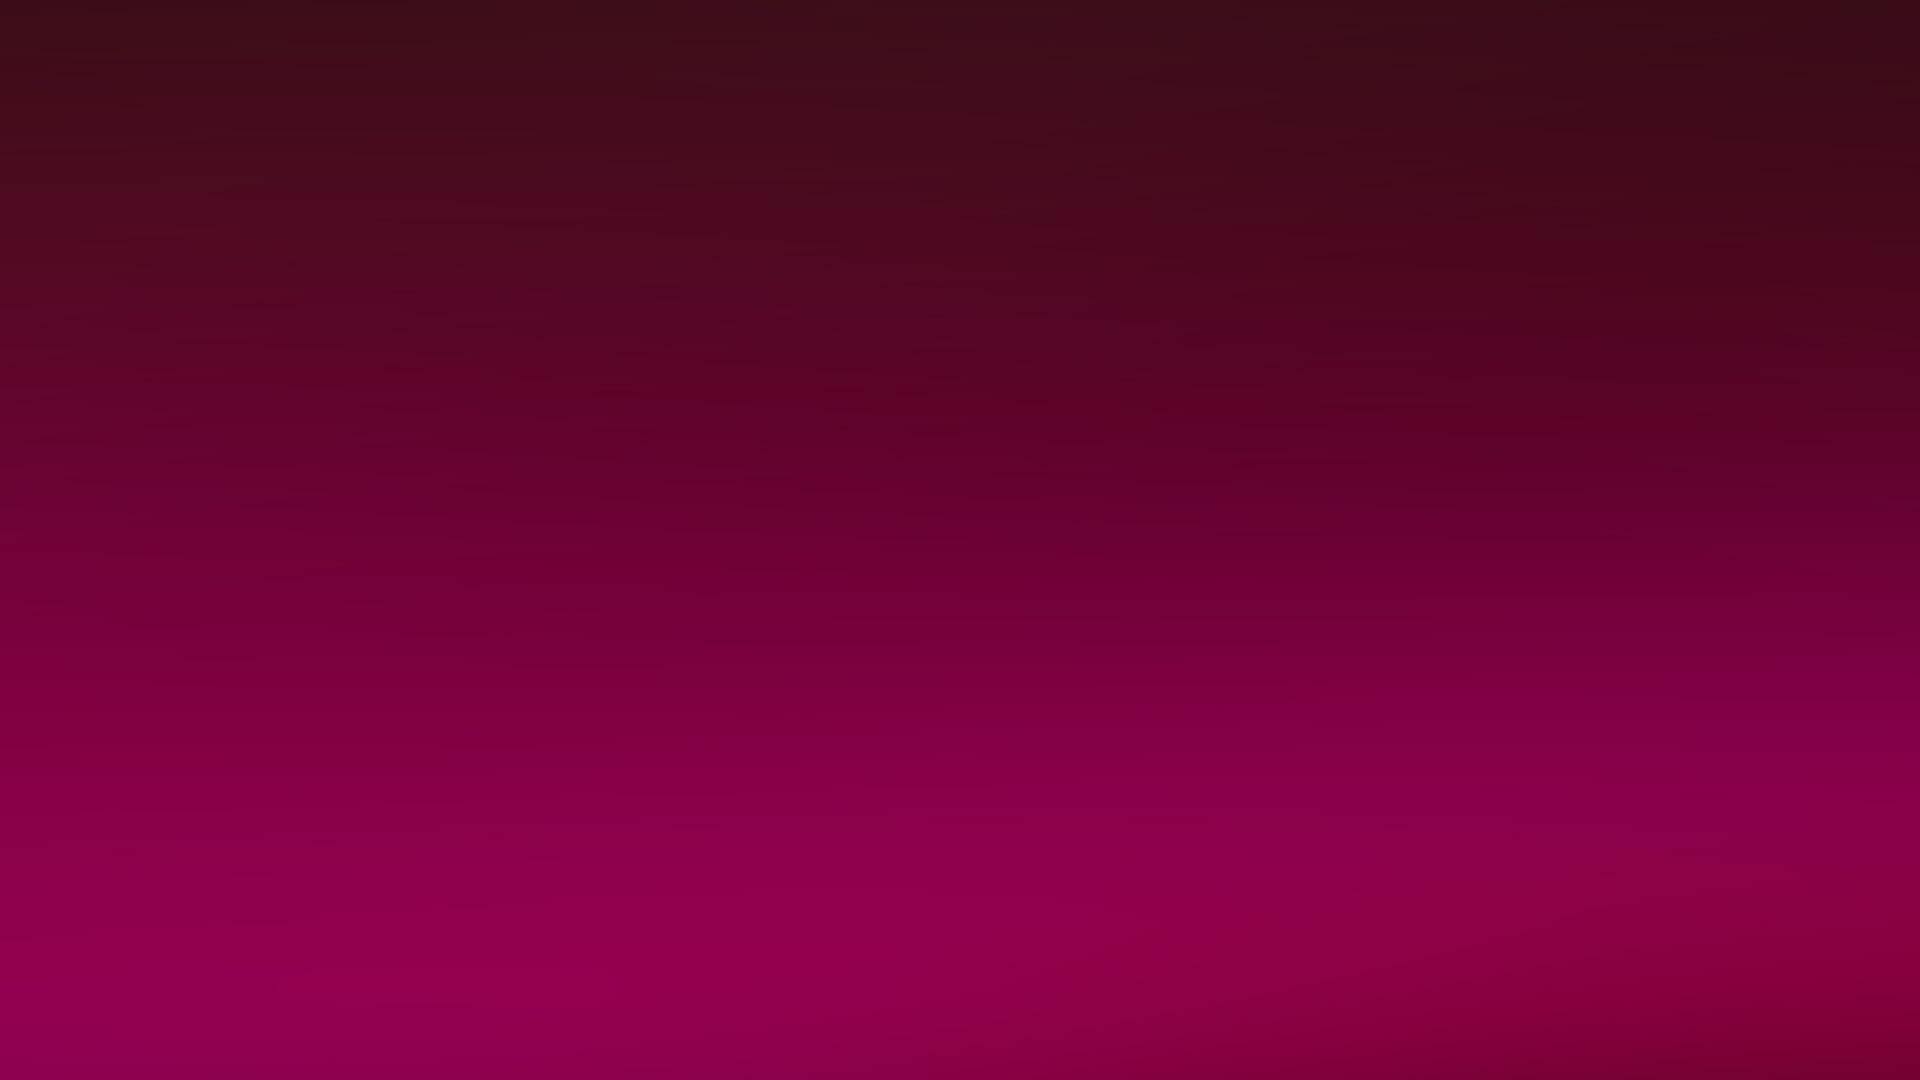 sj23-hot-pink-red-fire-gradation-blur-wallpaper